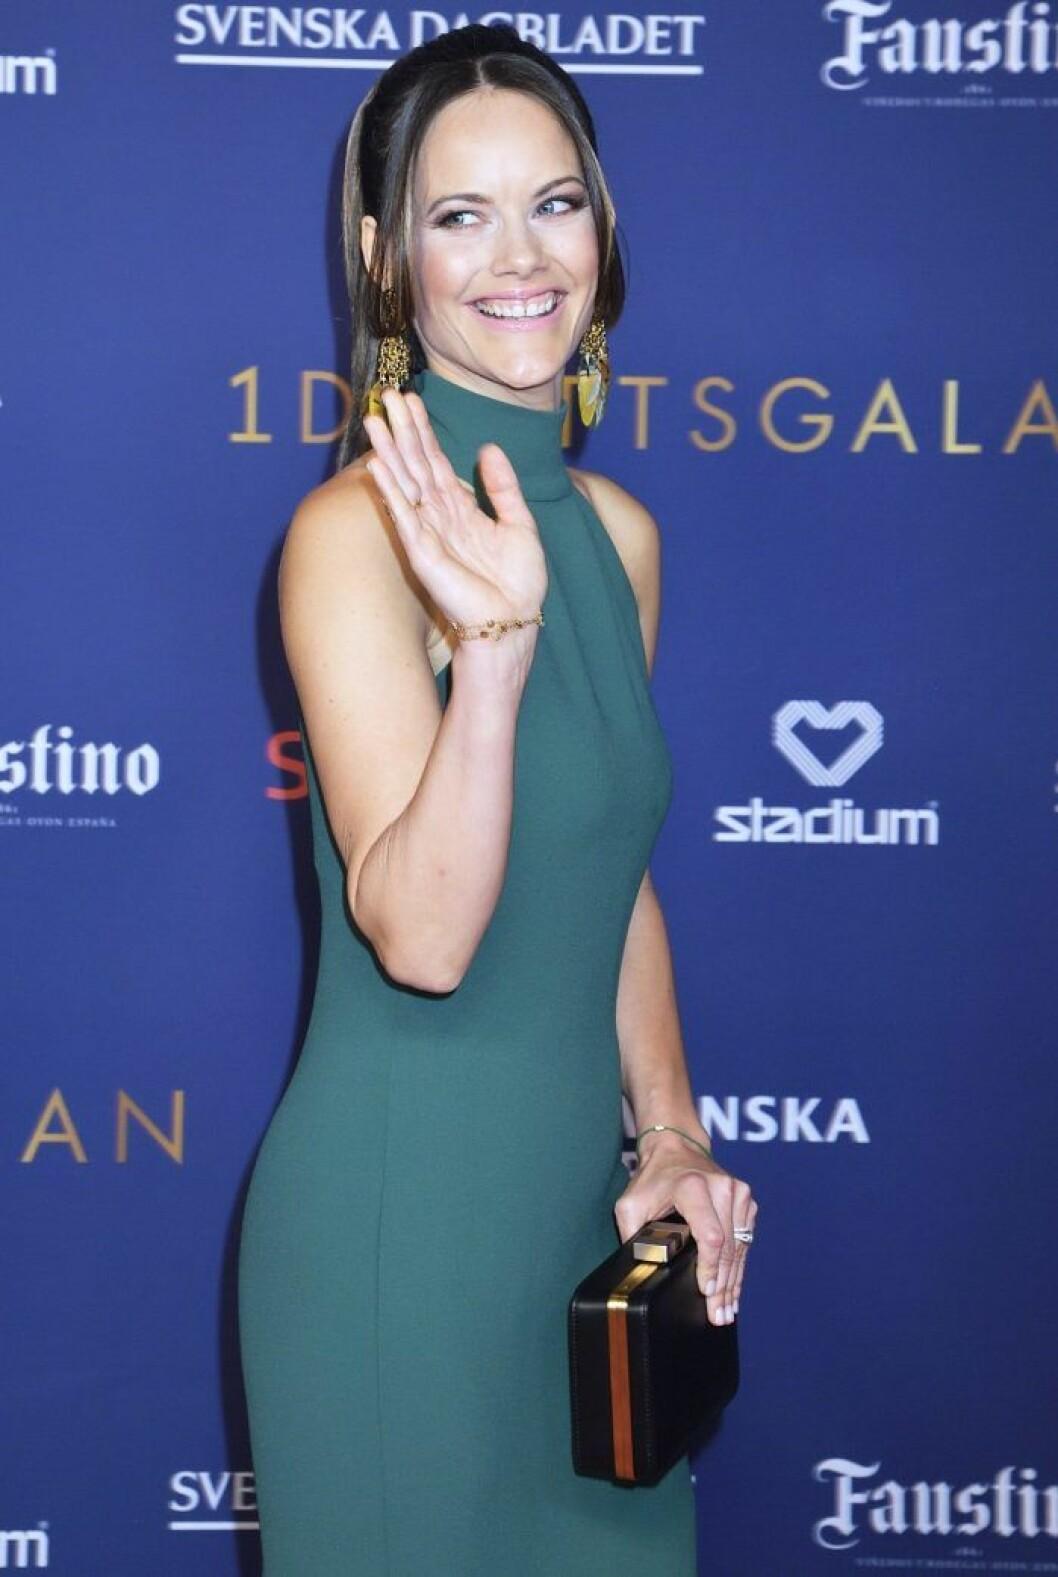 På Idrottsgalan visade prinsessan Sofia upp sitt nya smil.